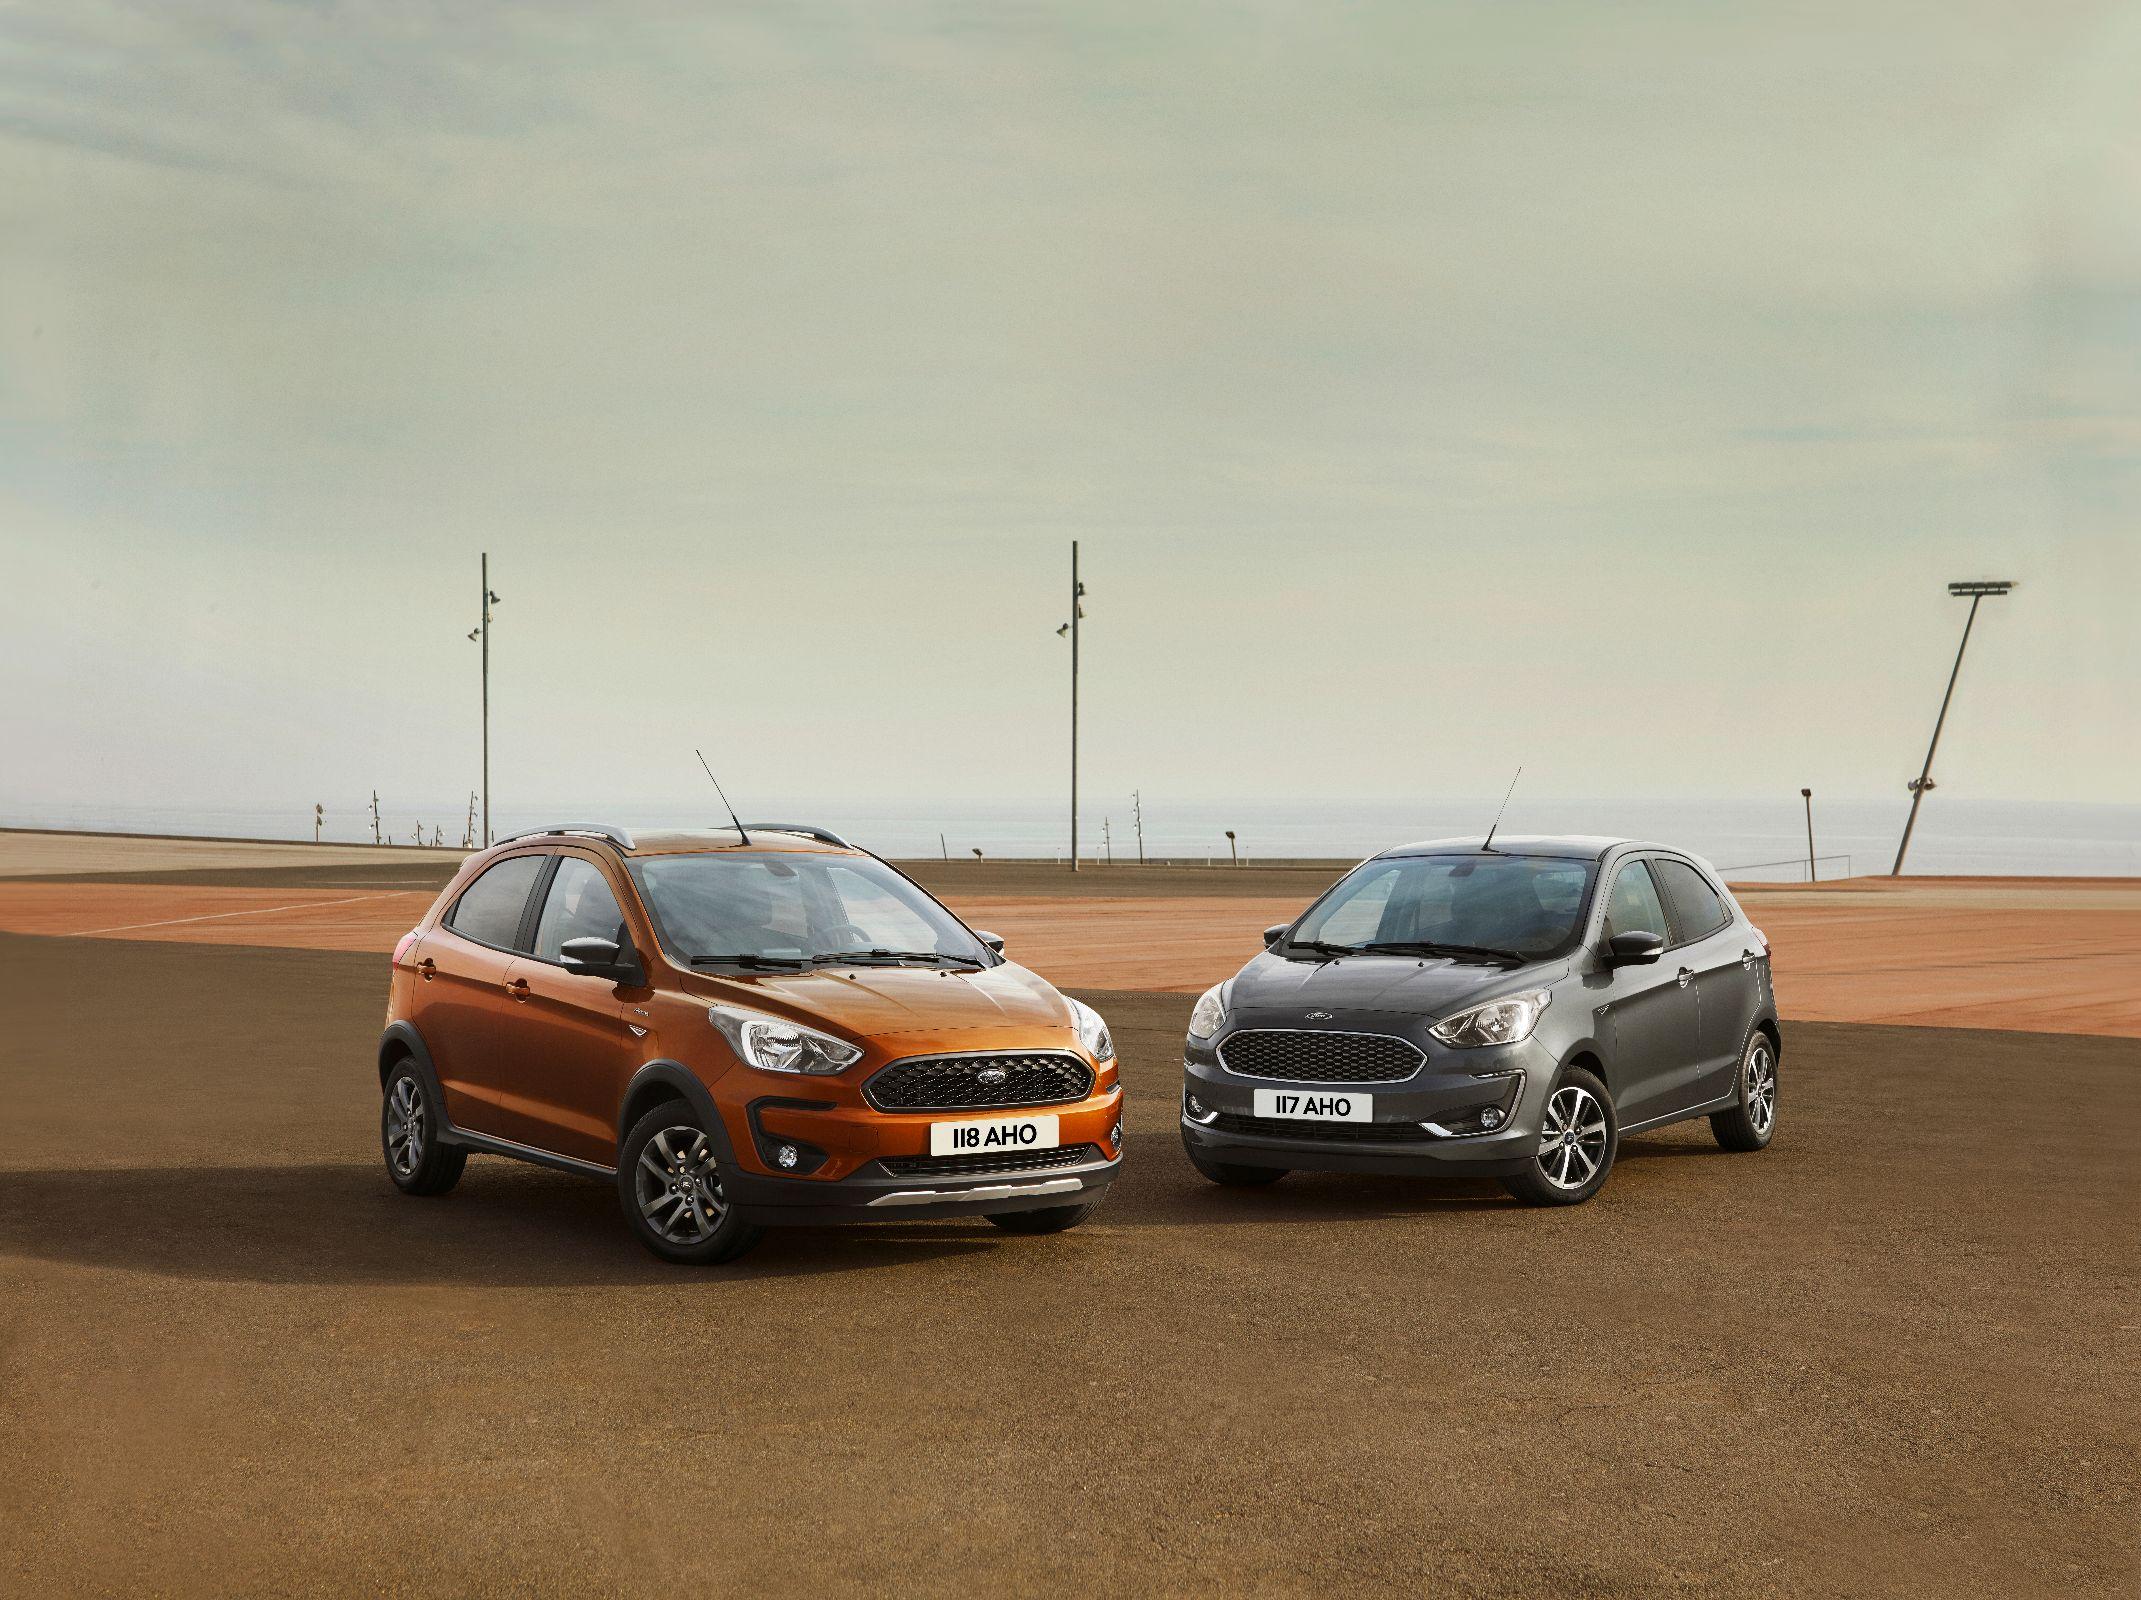 Ford ka reestilizado foi apresentado na Europa. O hatch chega ao Brasil ainda em 2018 com mais conectividade. Motorização ainda não foi confirmada.